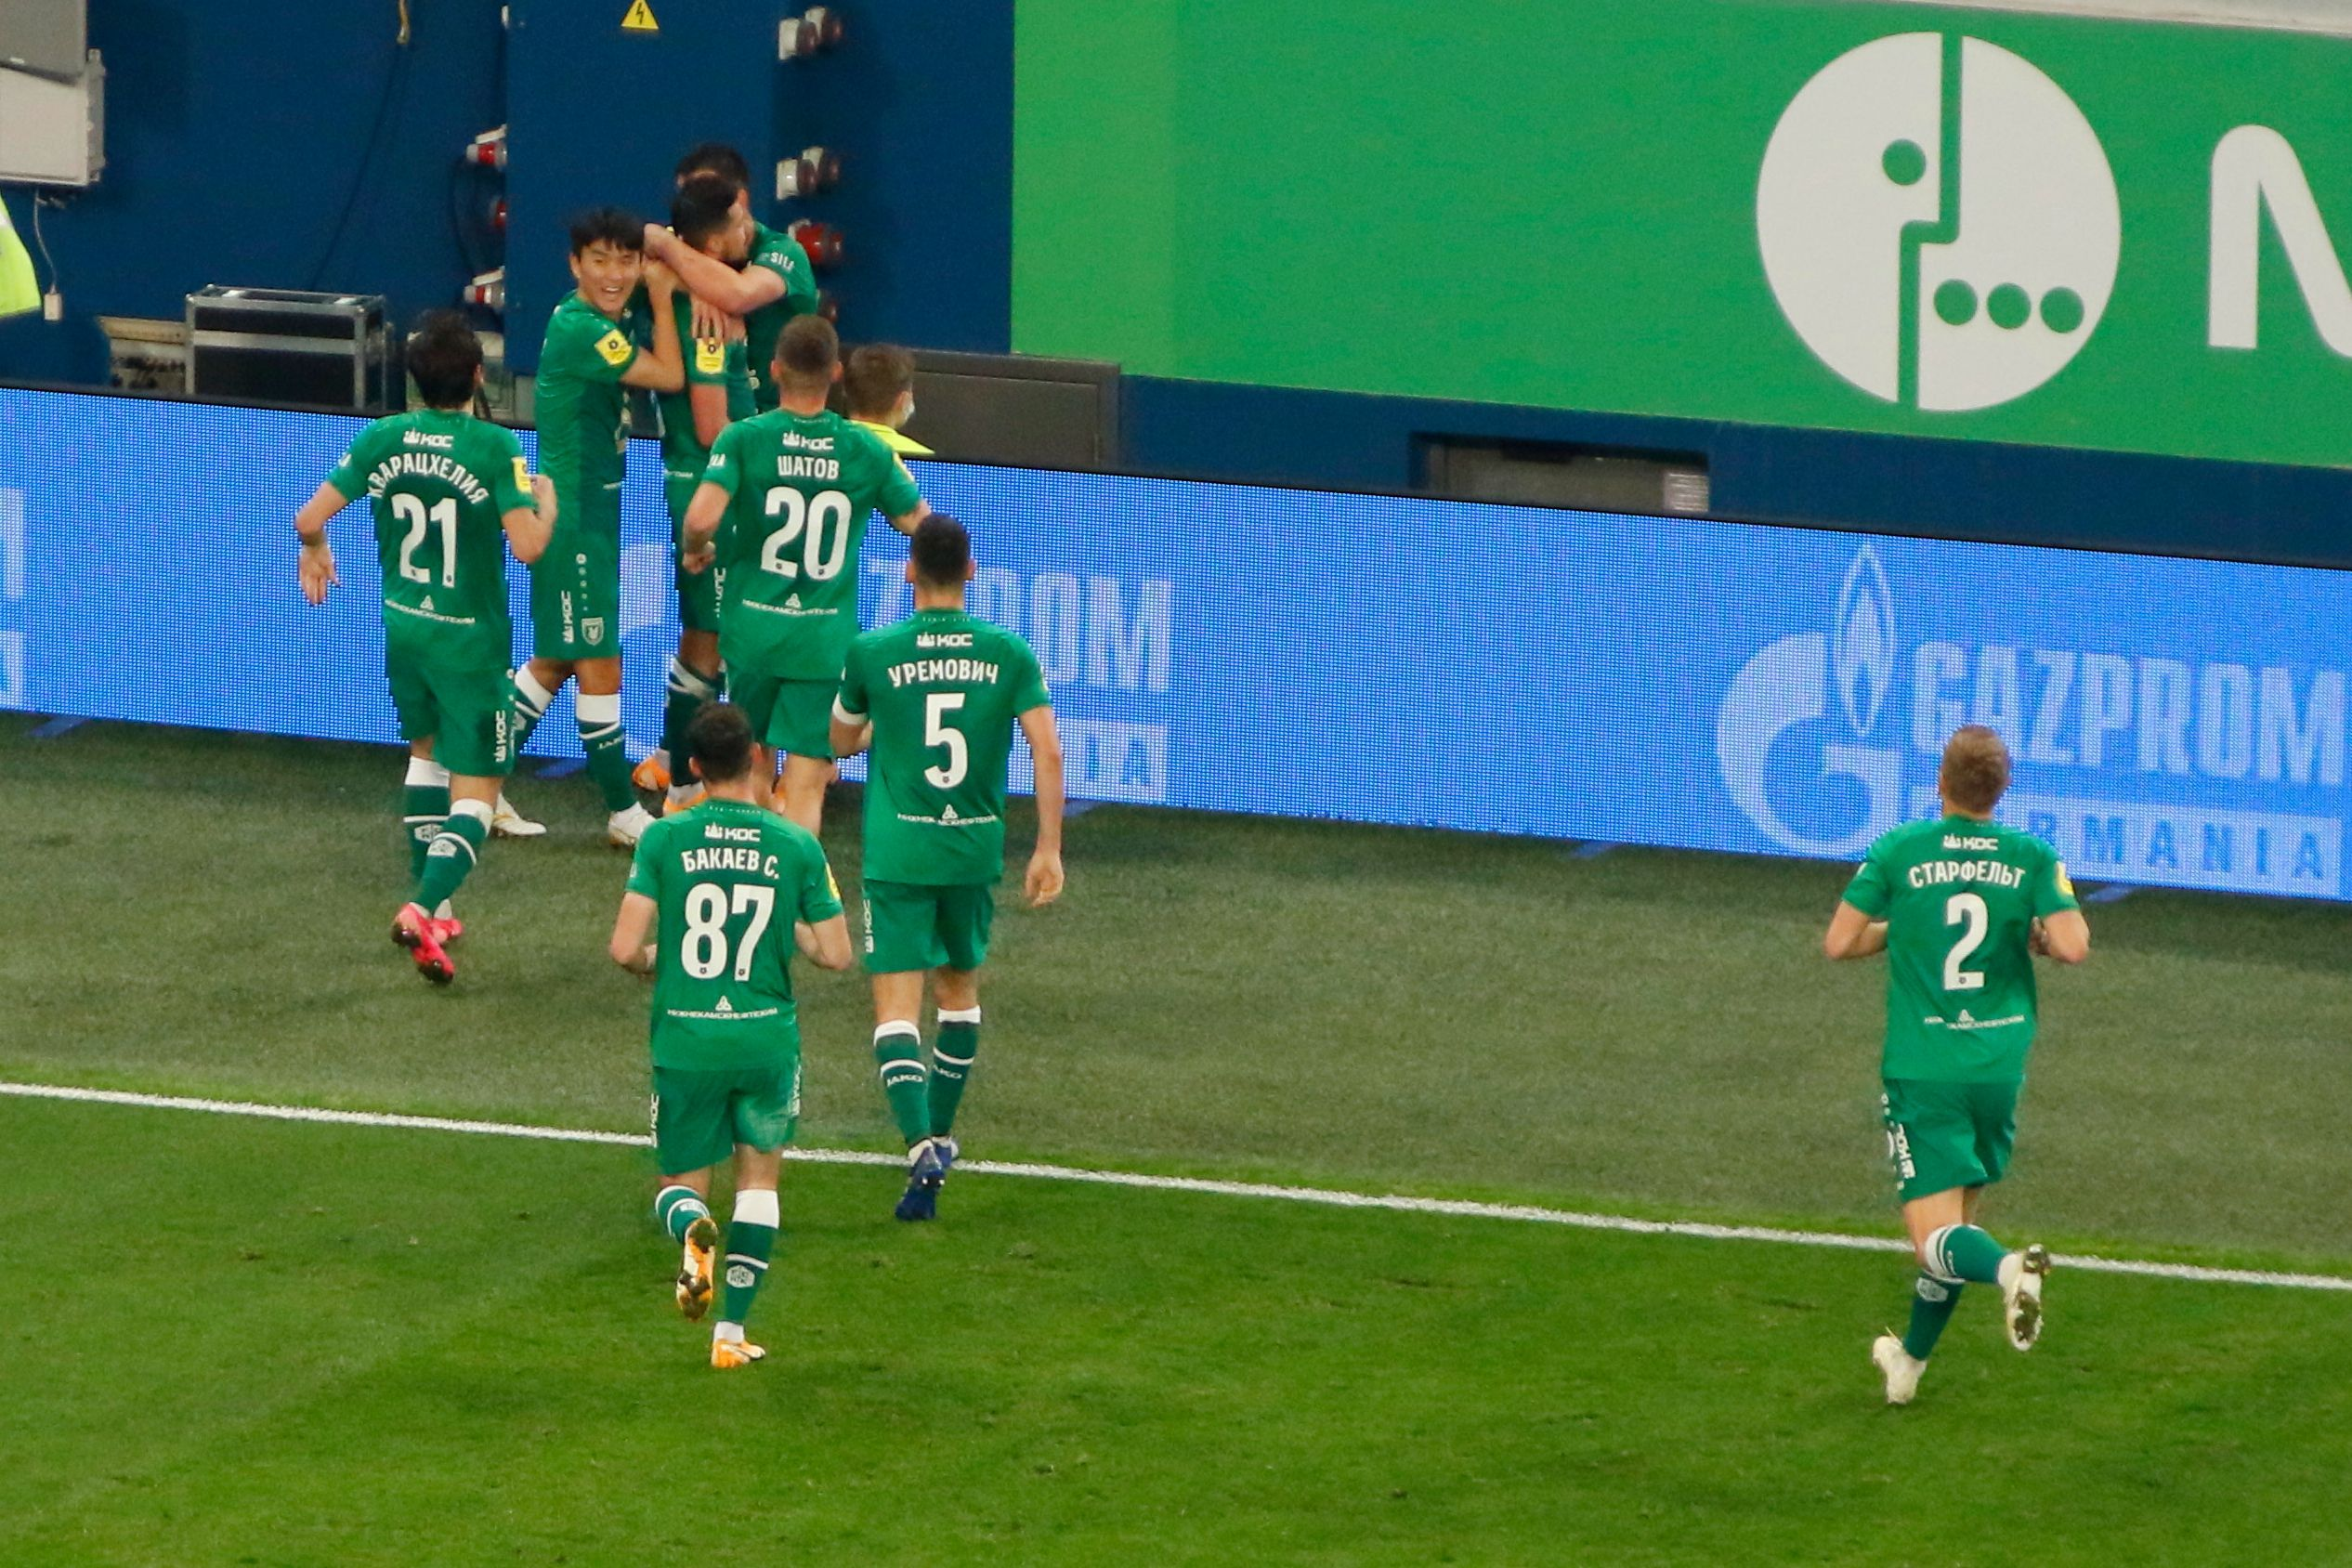 Невероятная развязка с голом на последних минутах и нереализованным пенальти в видеообзоре матча 'Рубин' - 'Зенит'